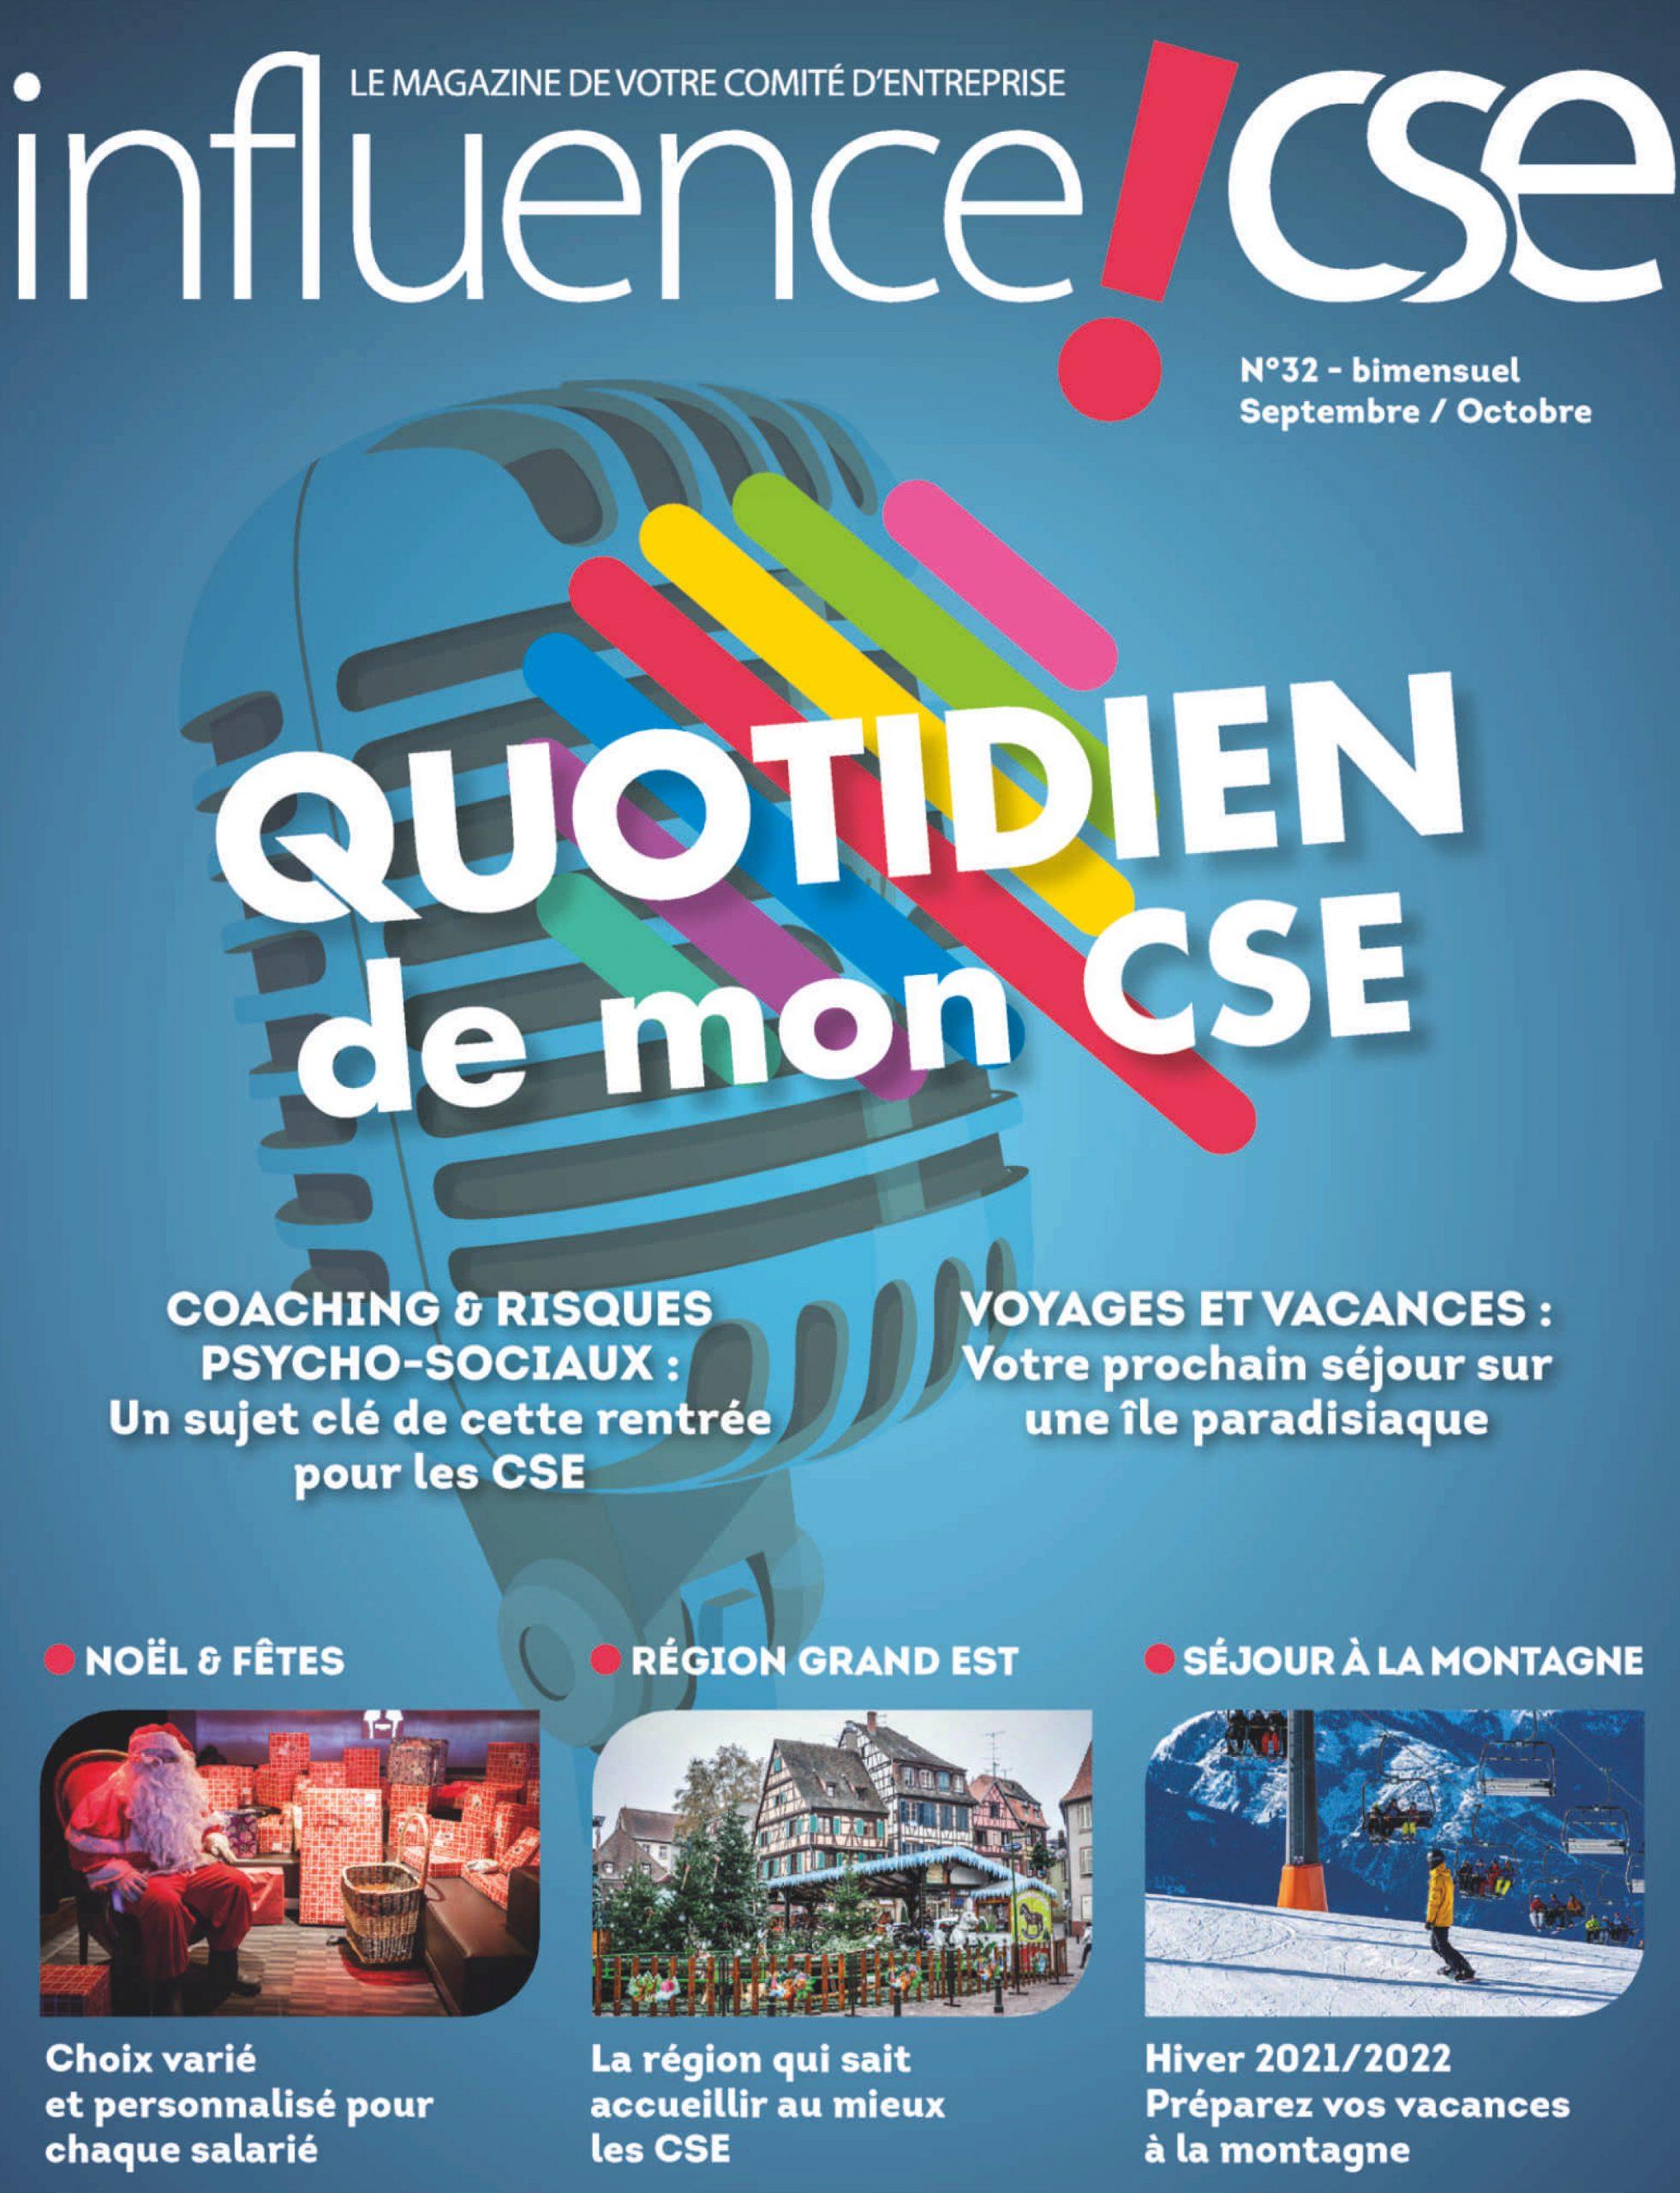 MAGAZINE INFLUENCE!CSE 32